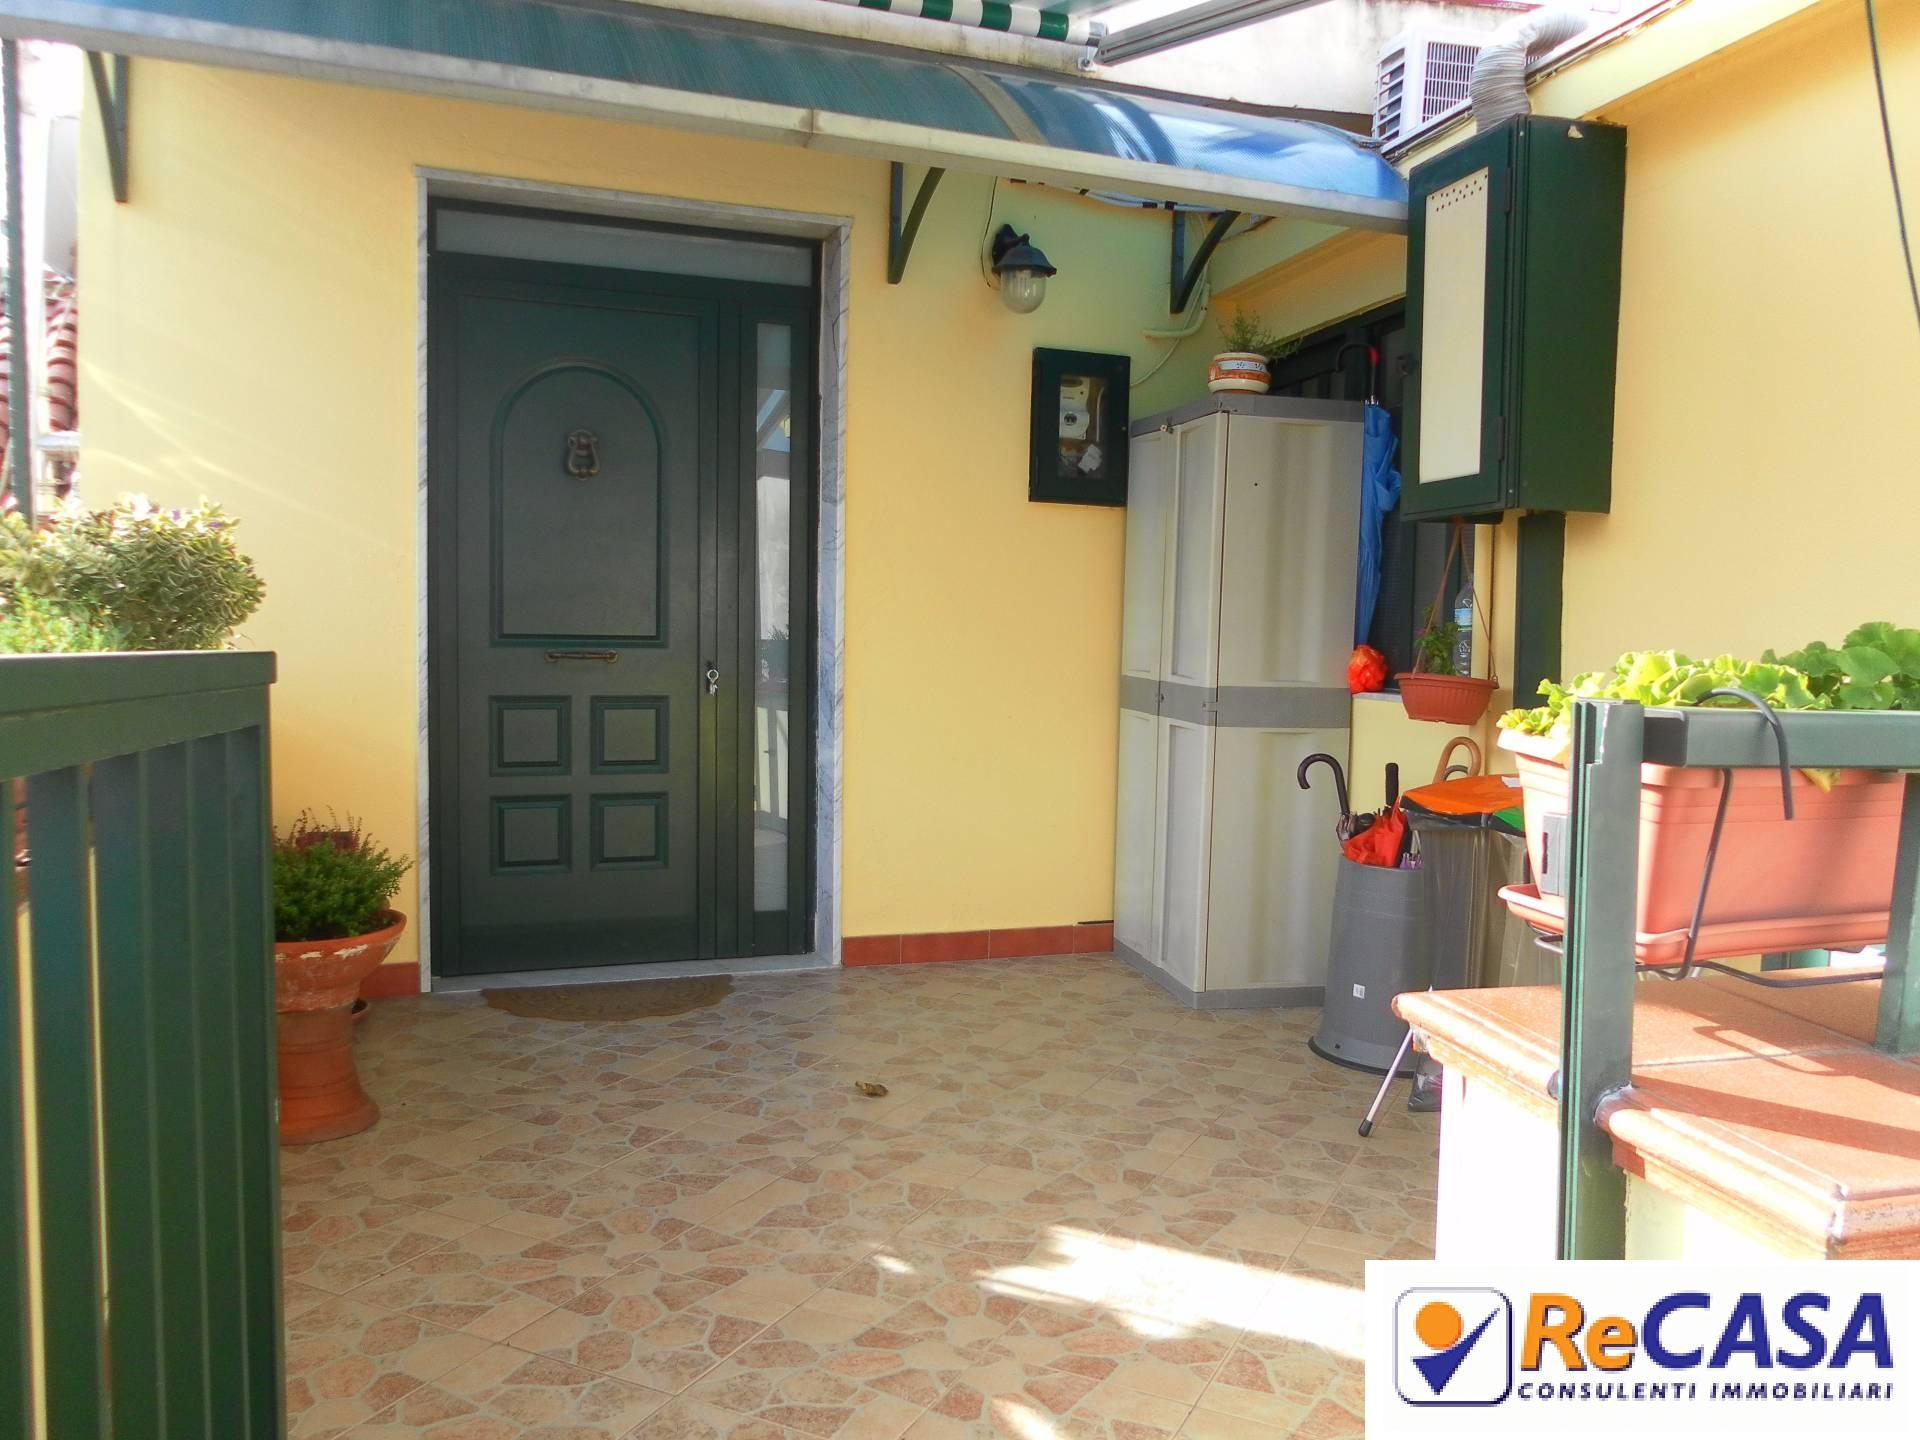 Appartamento in vendita a Montecorvino Rovella, 3 locali, zona Località: Centro, prezzo € 65.000 | Cambio Casa.it